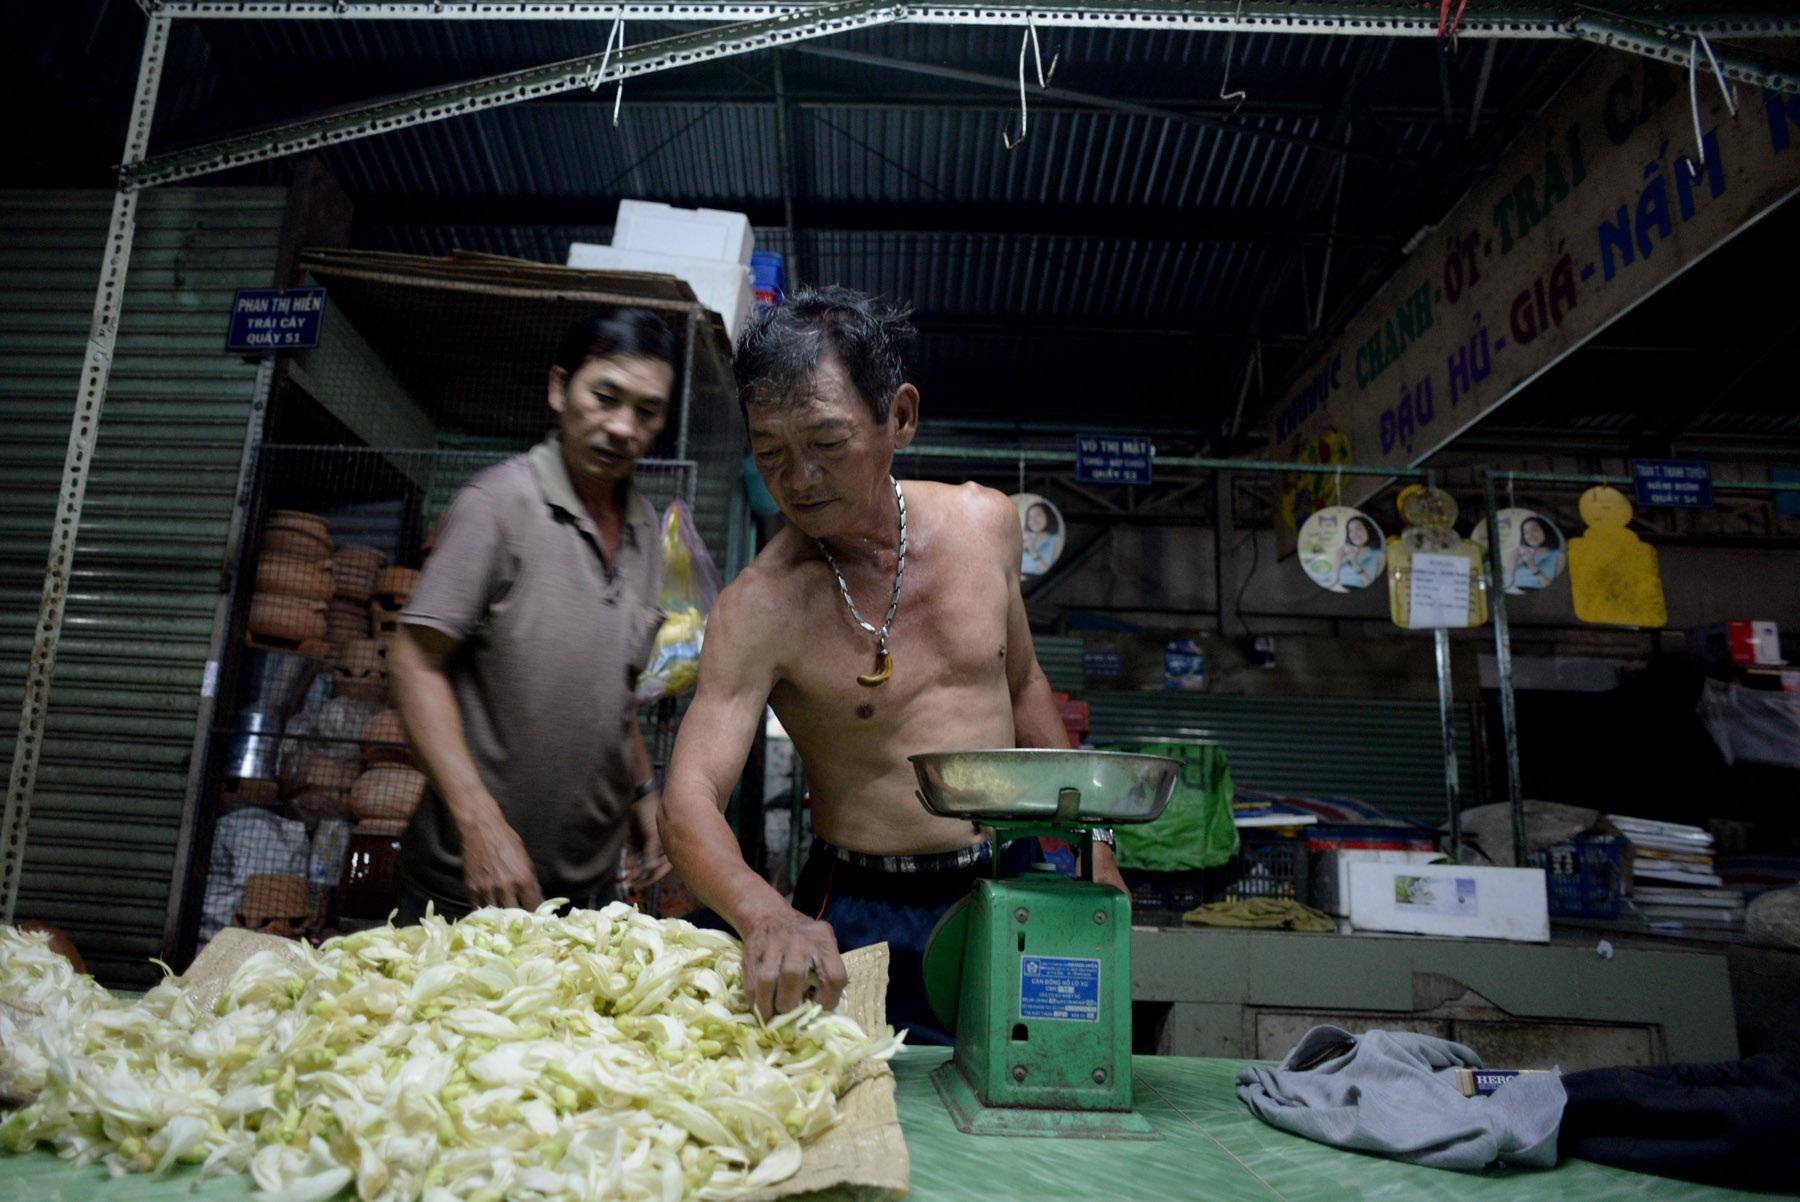 """""""Các anh, chị chủ trong chợ còn thương tôi còn tạo công việc cho tôi làm là tôi vui lắm. Dù tôi có số tiền lớn, nhưng họ vẫn vui vẻ với tôi như bao nhiêu năm trước đây"""". Ông Bảy chia sẻ."""